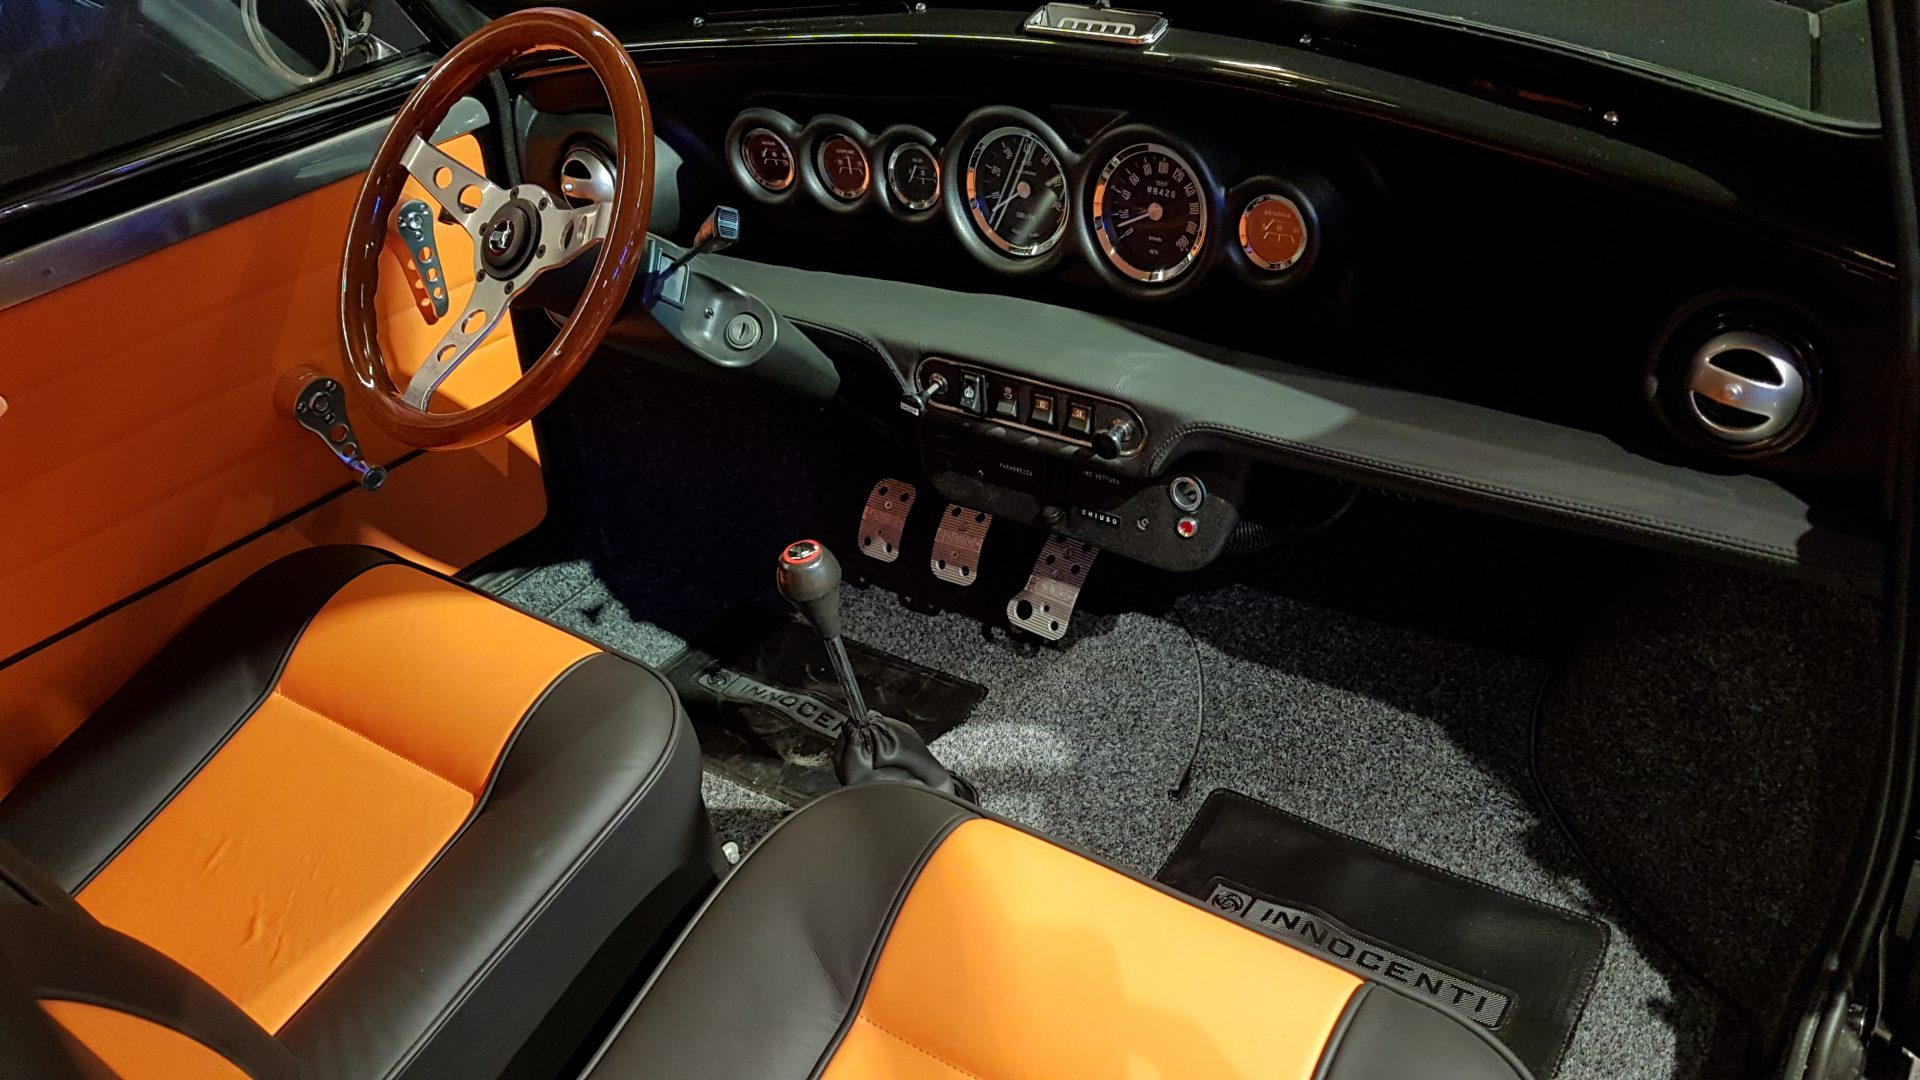 AIL MINI Leyland Innocenti Mini Cooper 1300 7